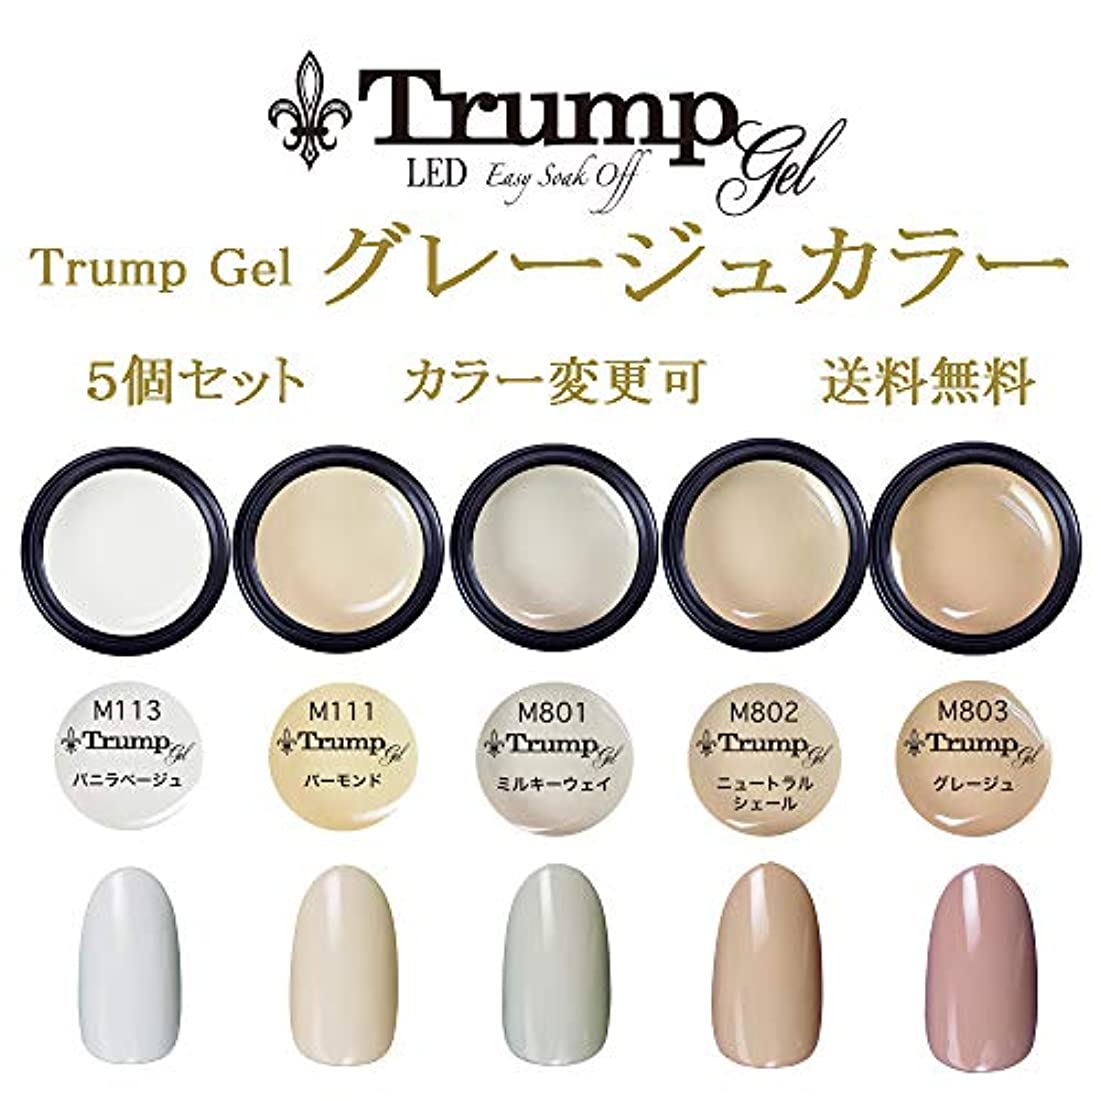 六月責任者グラス日本製 Trump gel トランプジェル グレージュカラー 選べる カラージェル 5個セット ホワイト ベージュ ピンク スモーク